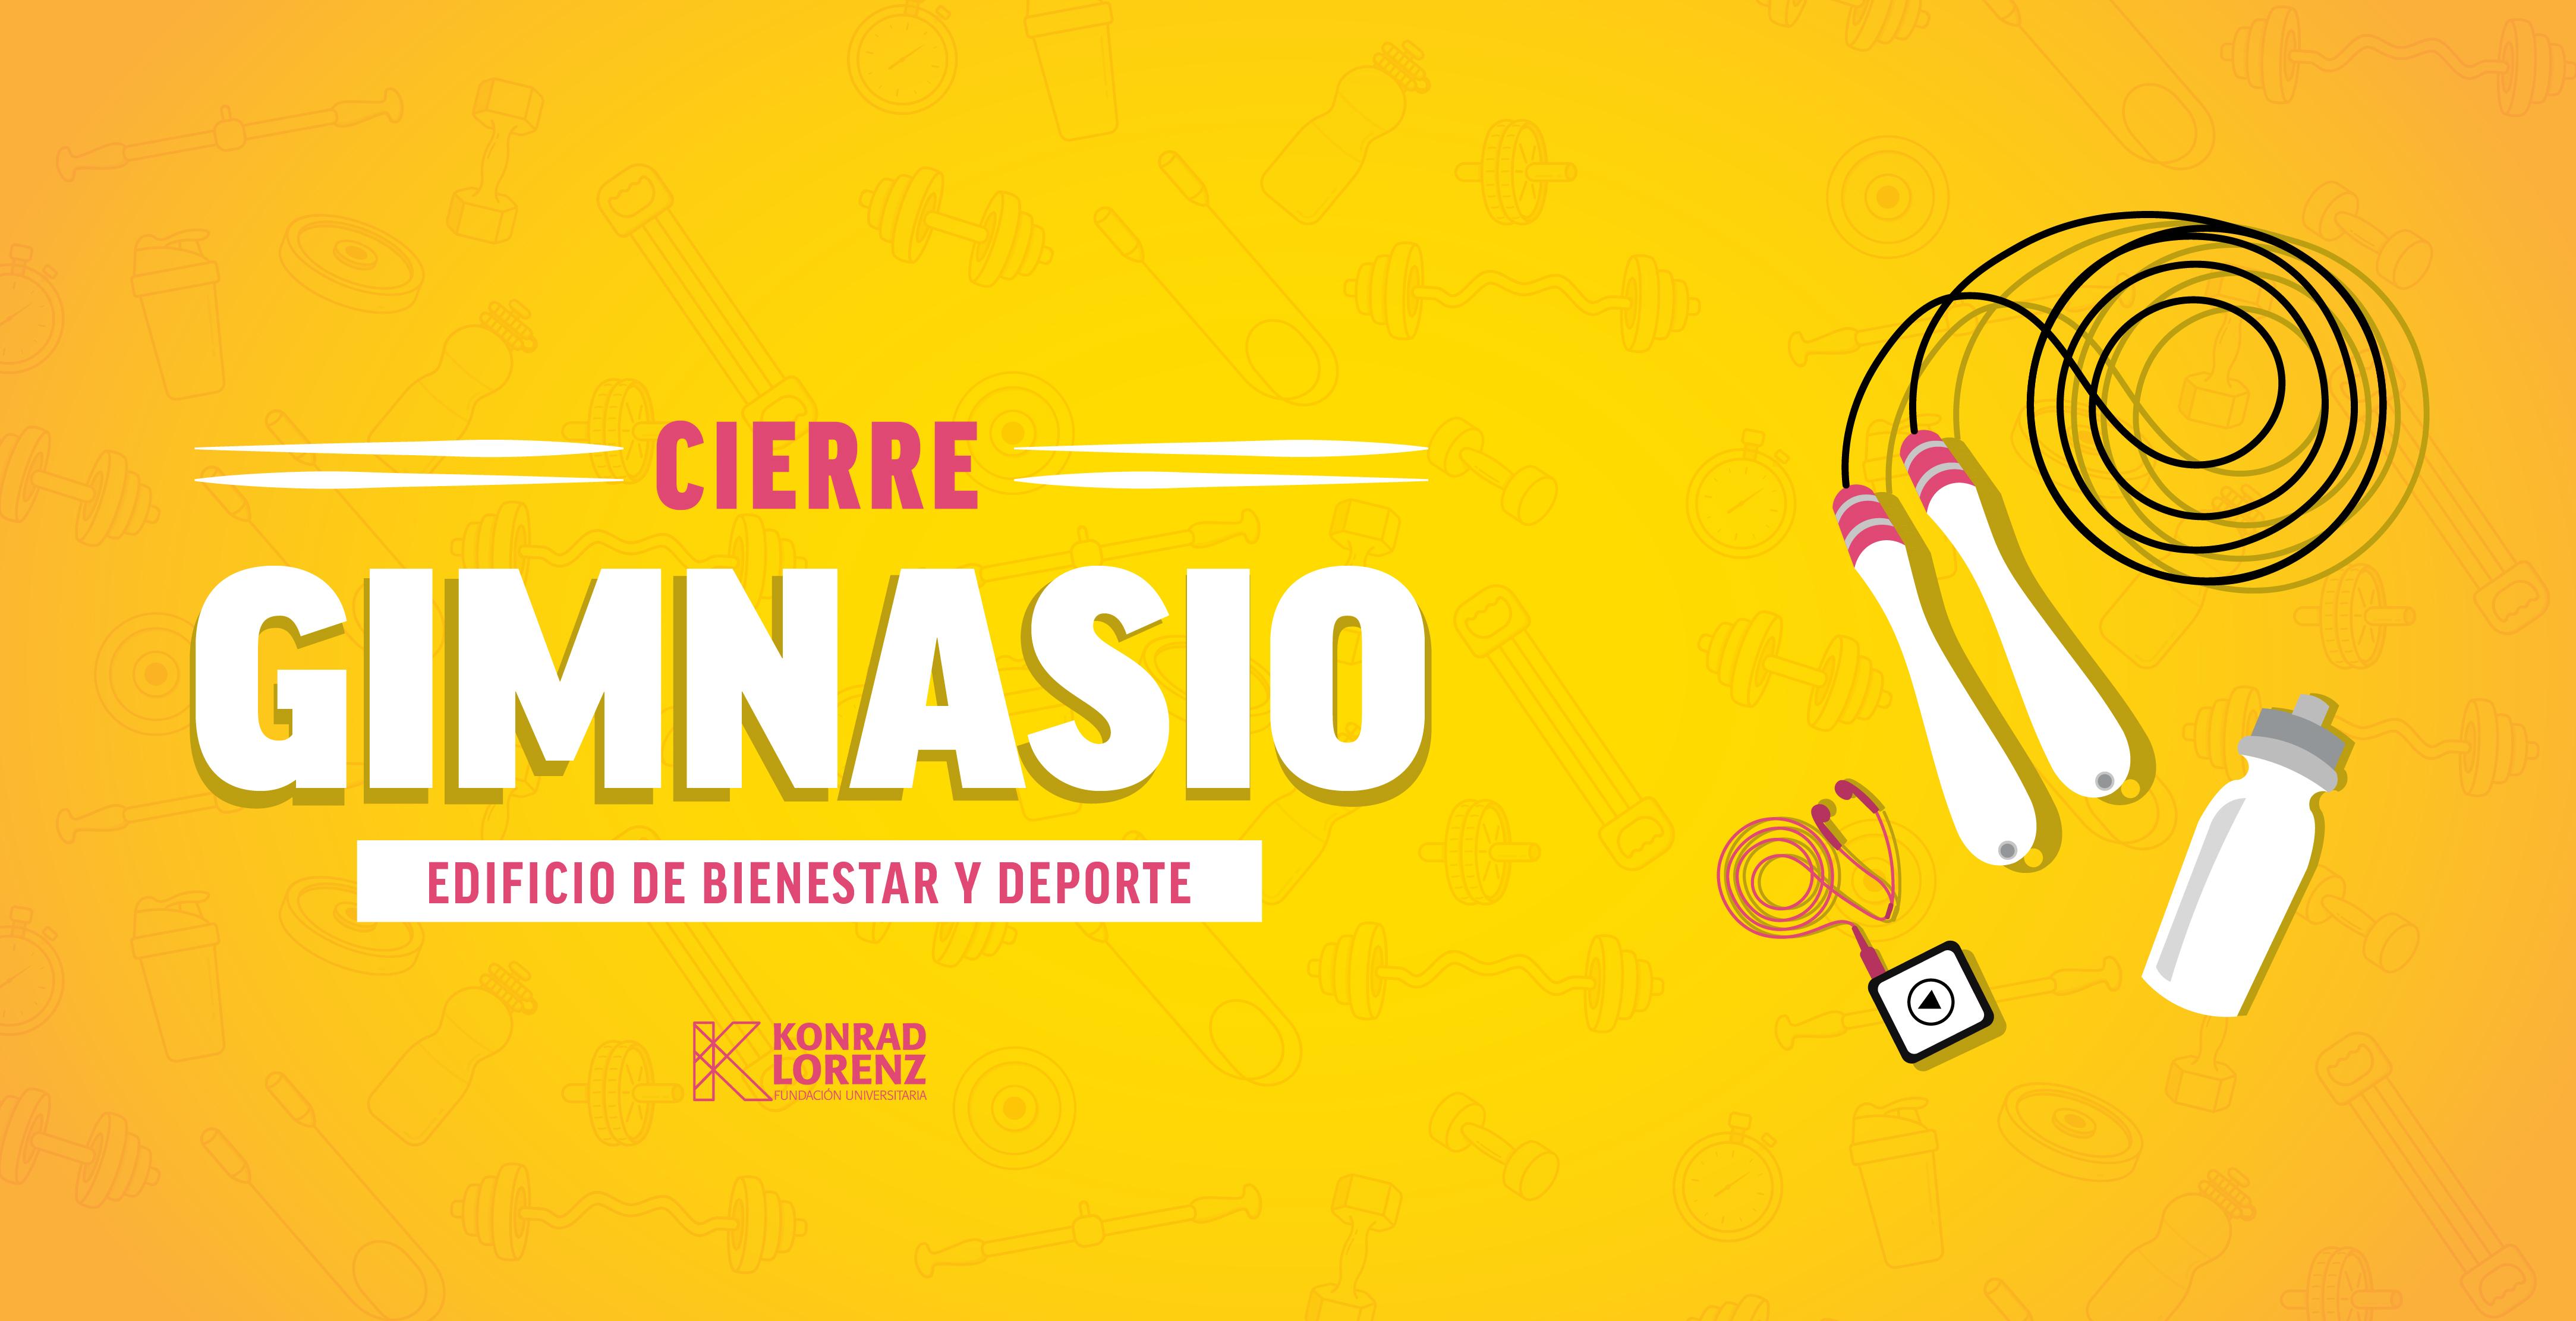 Cierre Gimnasio - Centro de Bienestar y Deporte